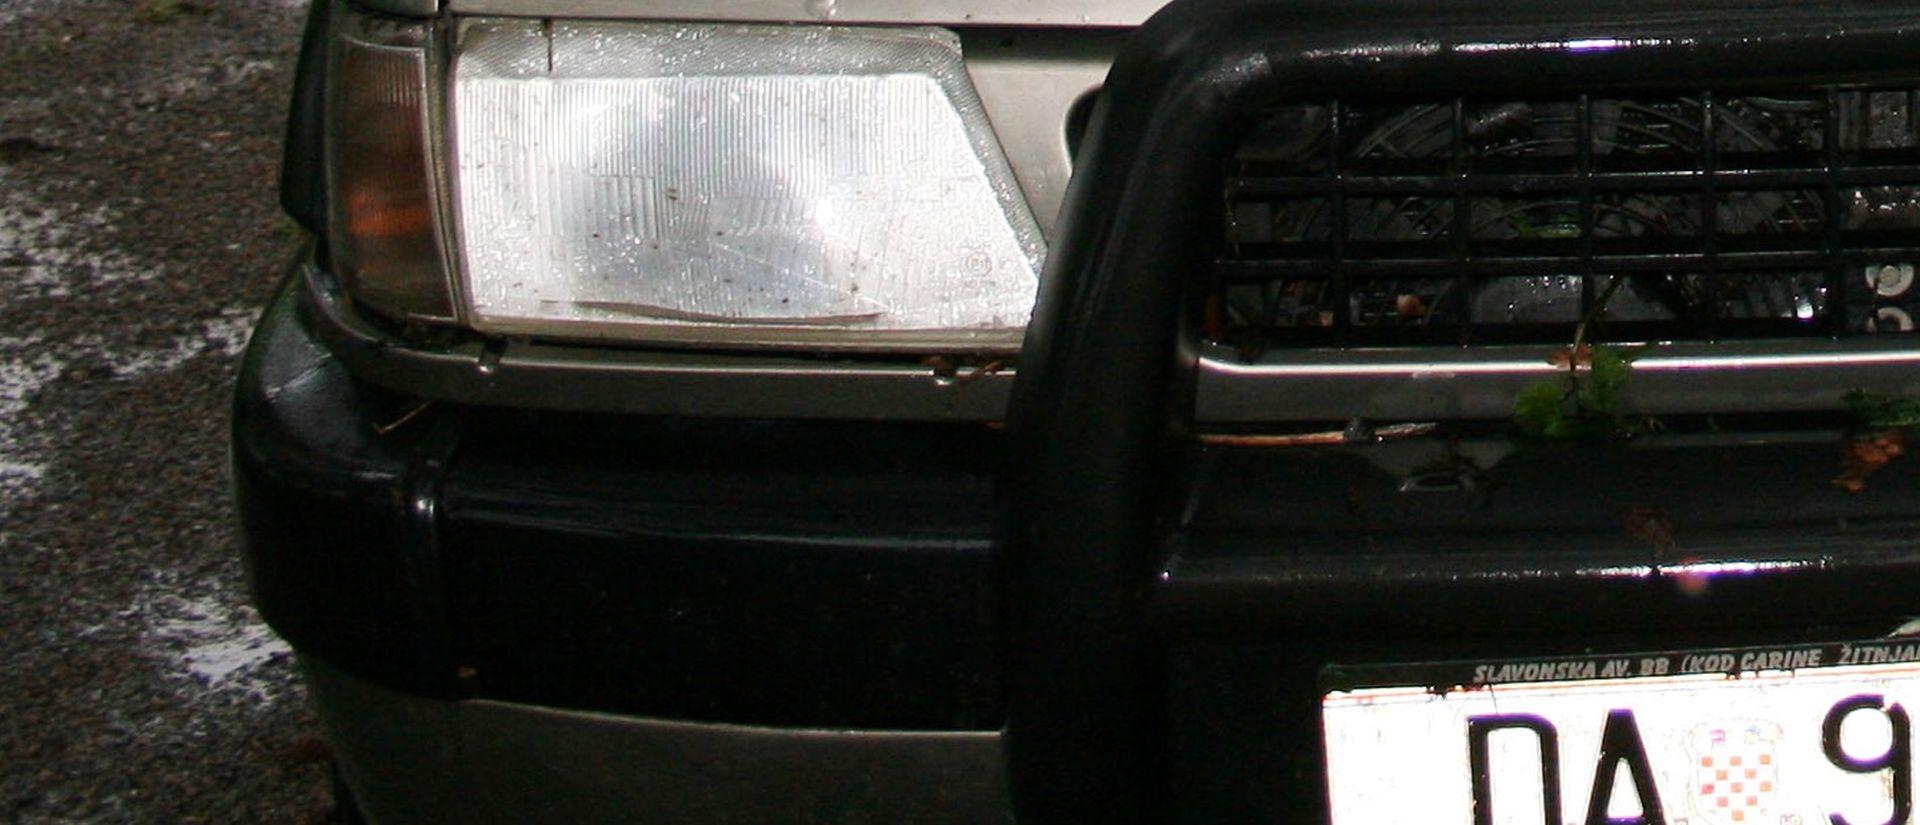 IZIGRAVANJE SUSTAVA: Raste broj vozila s daruvarskim tablicama